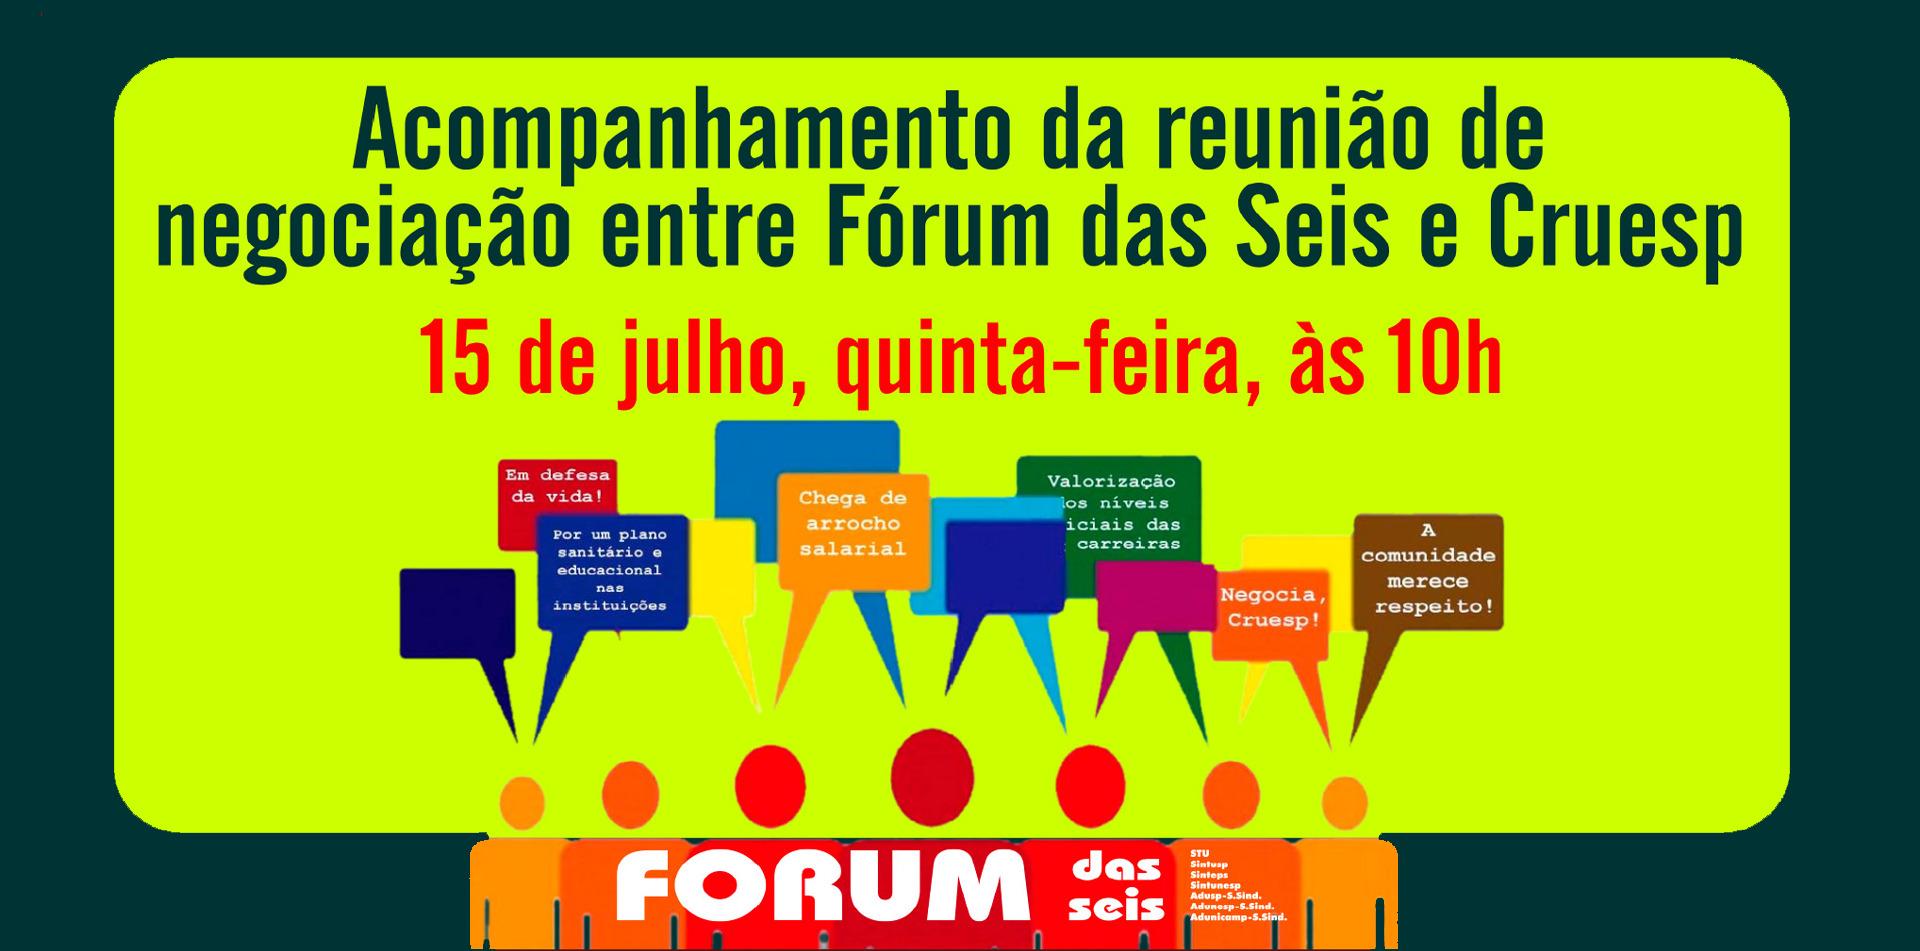 cruesp ao vivo — Quinta, 15/7, é dia de mobilização contra o arrocho e em defesa da vida — ADunicamp